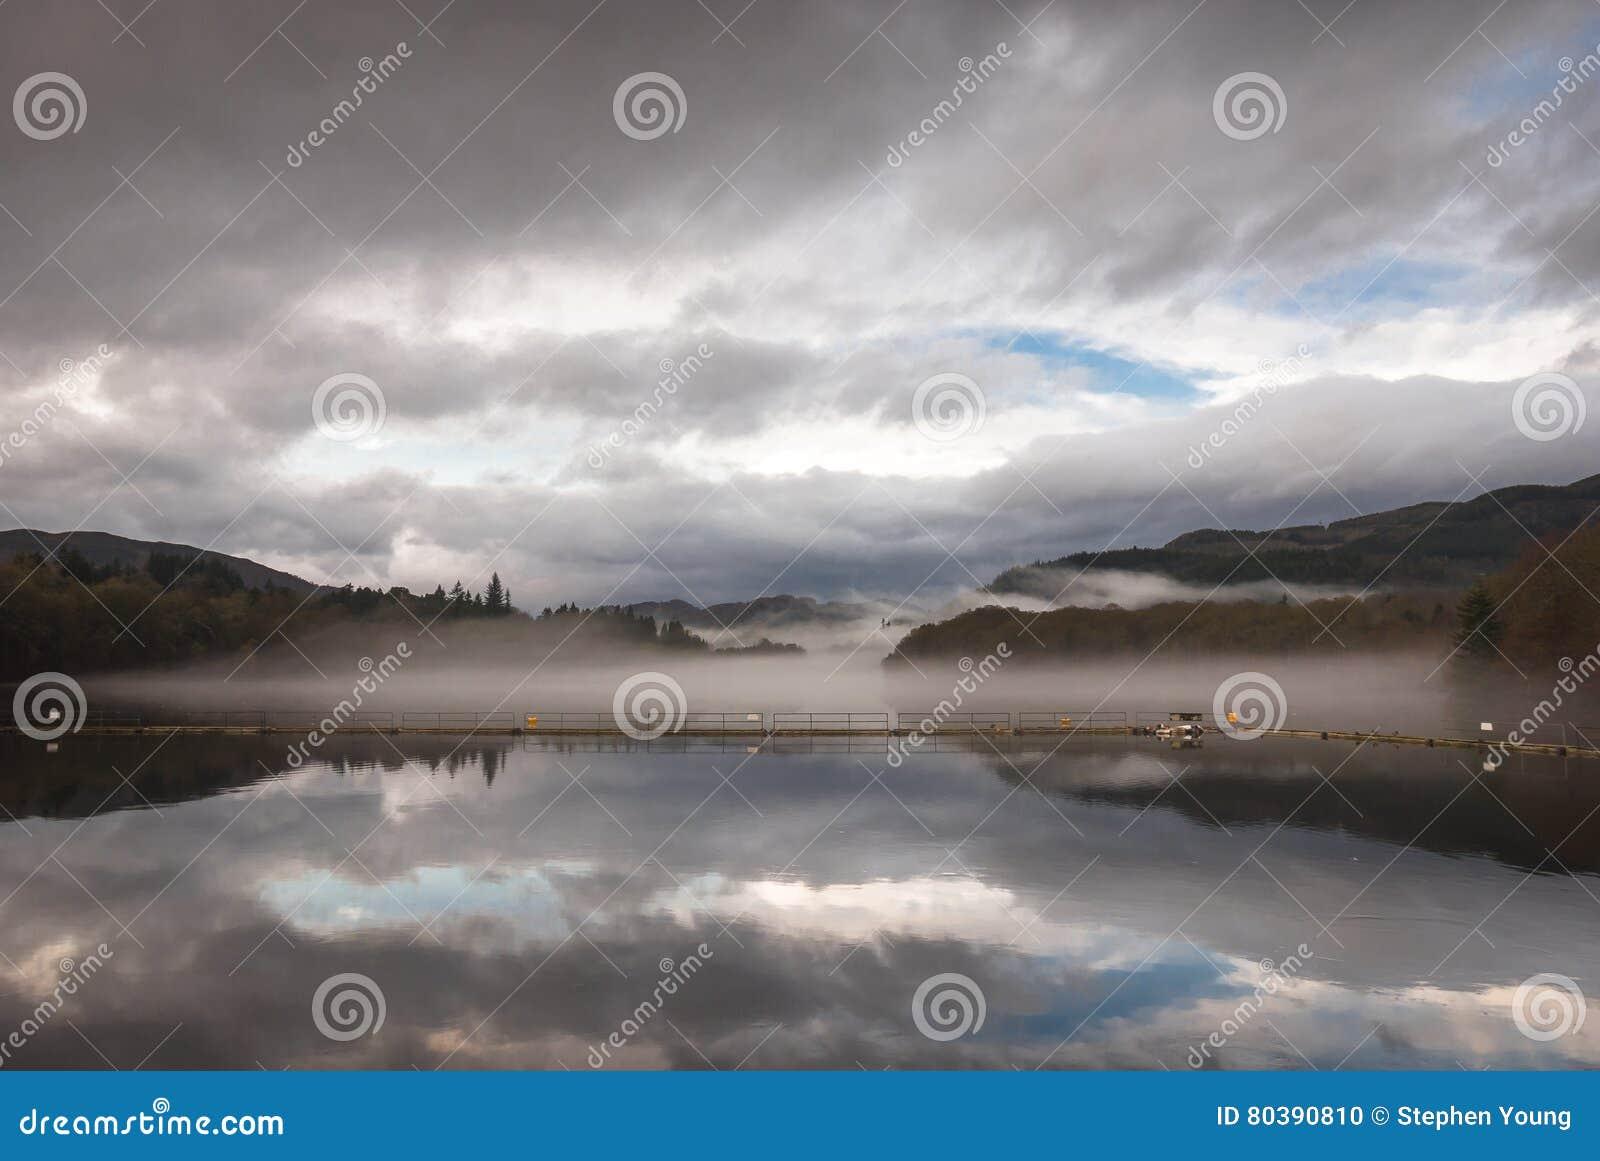 Λίμνη Faskally